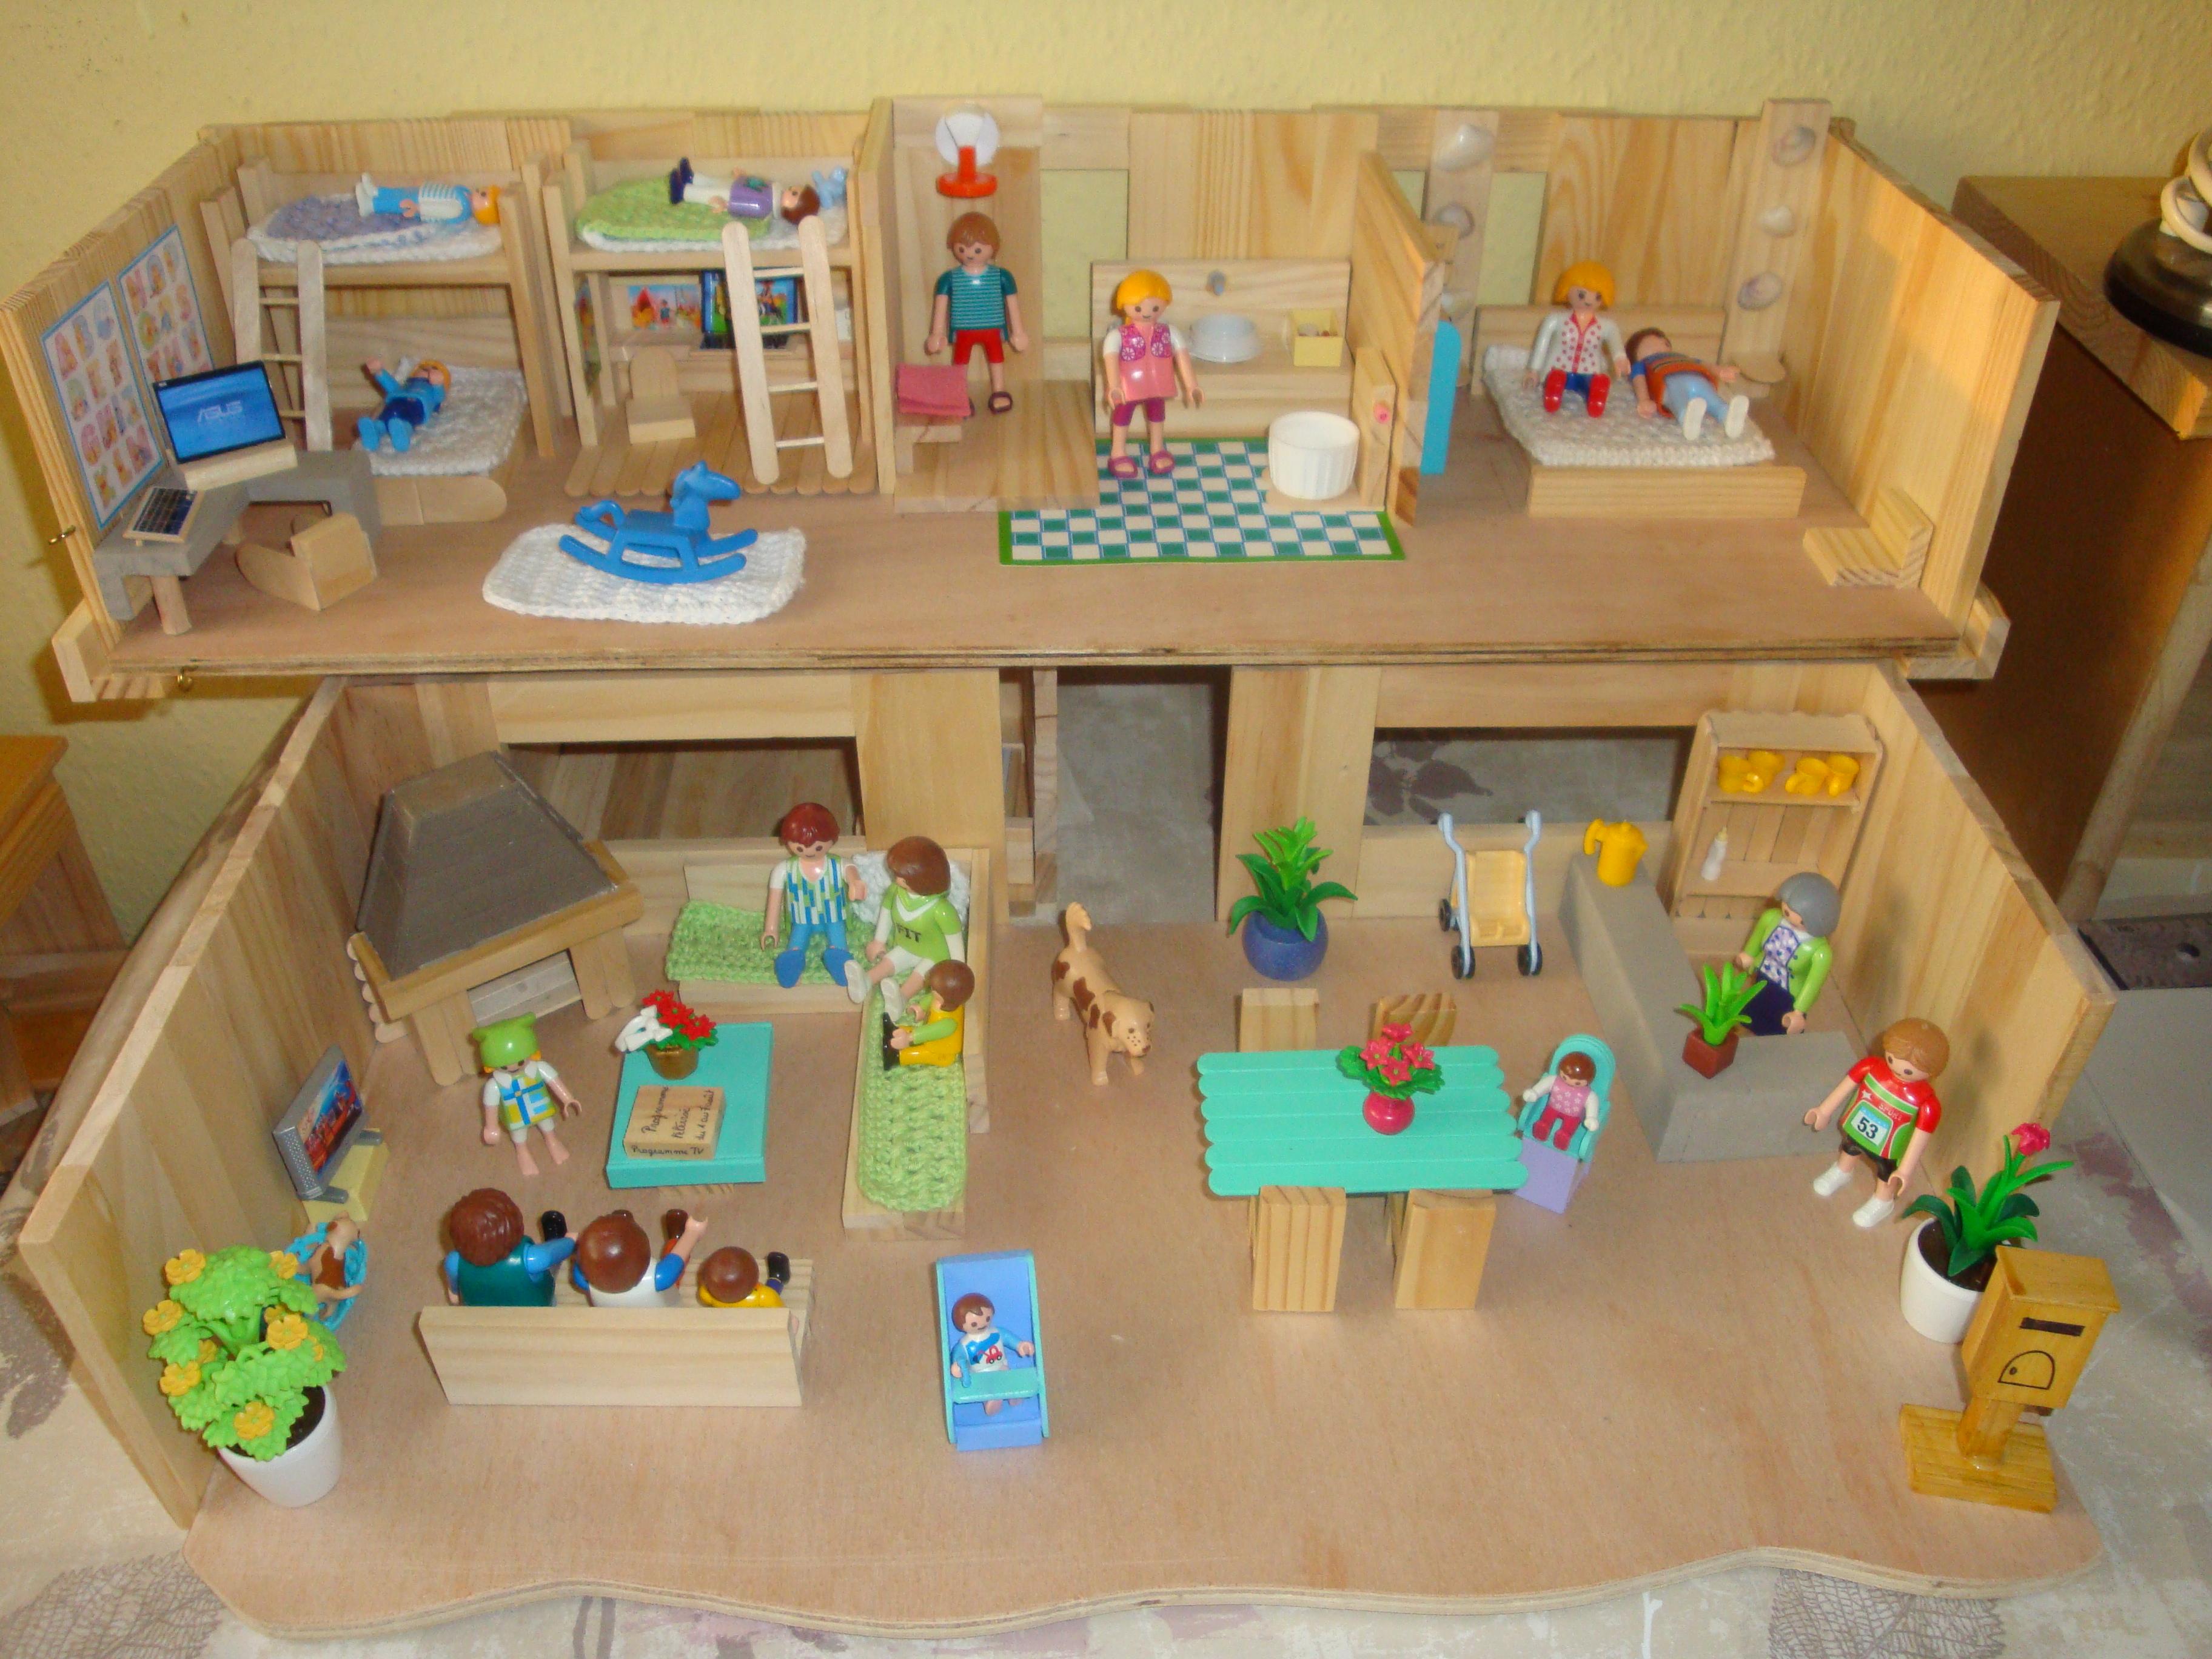 Playmobil product extra voila le final sympa non les enfants peuvent laisser leur imagination pour jouer dans cette grande maison